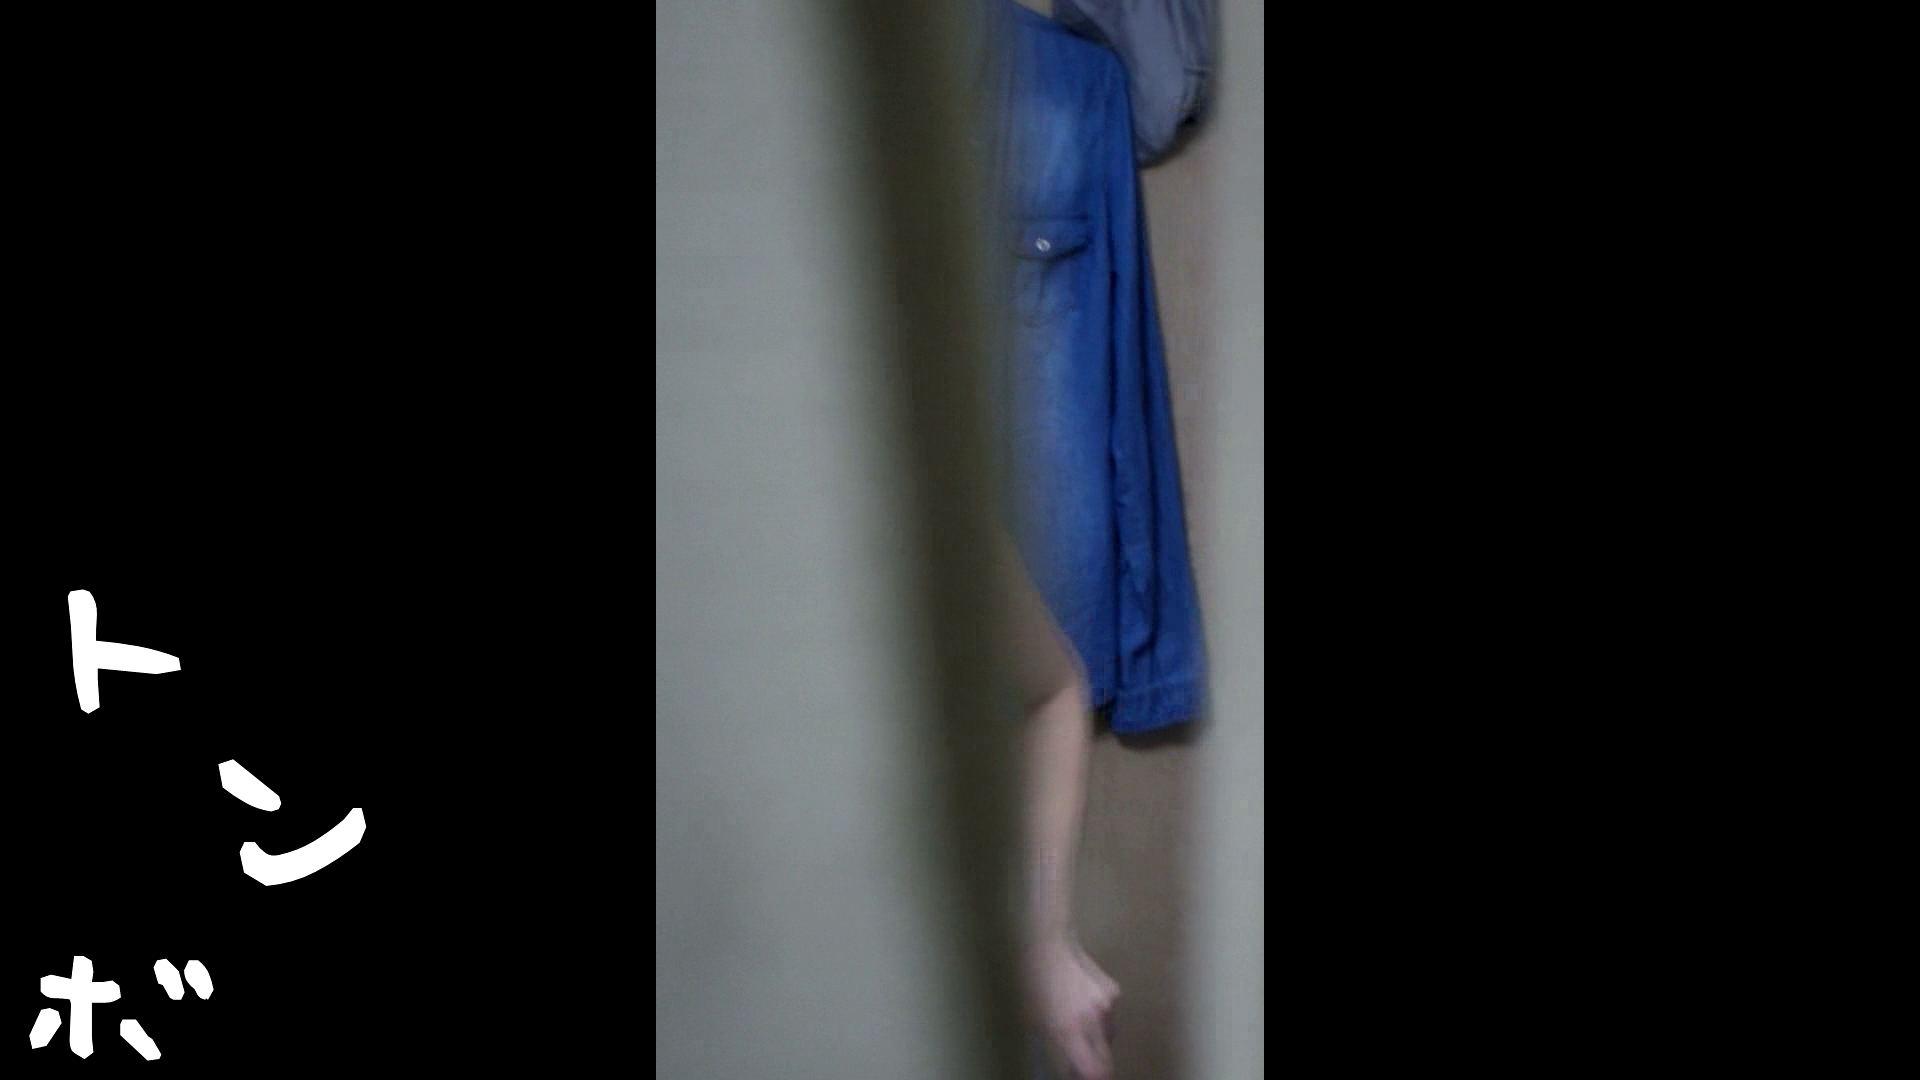 リアル盗撮 北欧留学生一人暮らし部屋ヌード エロい美女 SEX無修正画像 110枚